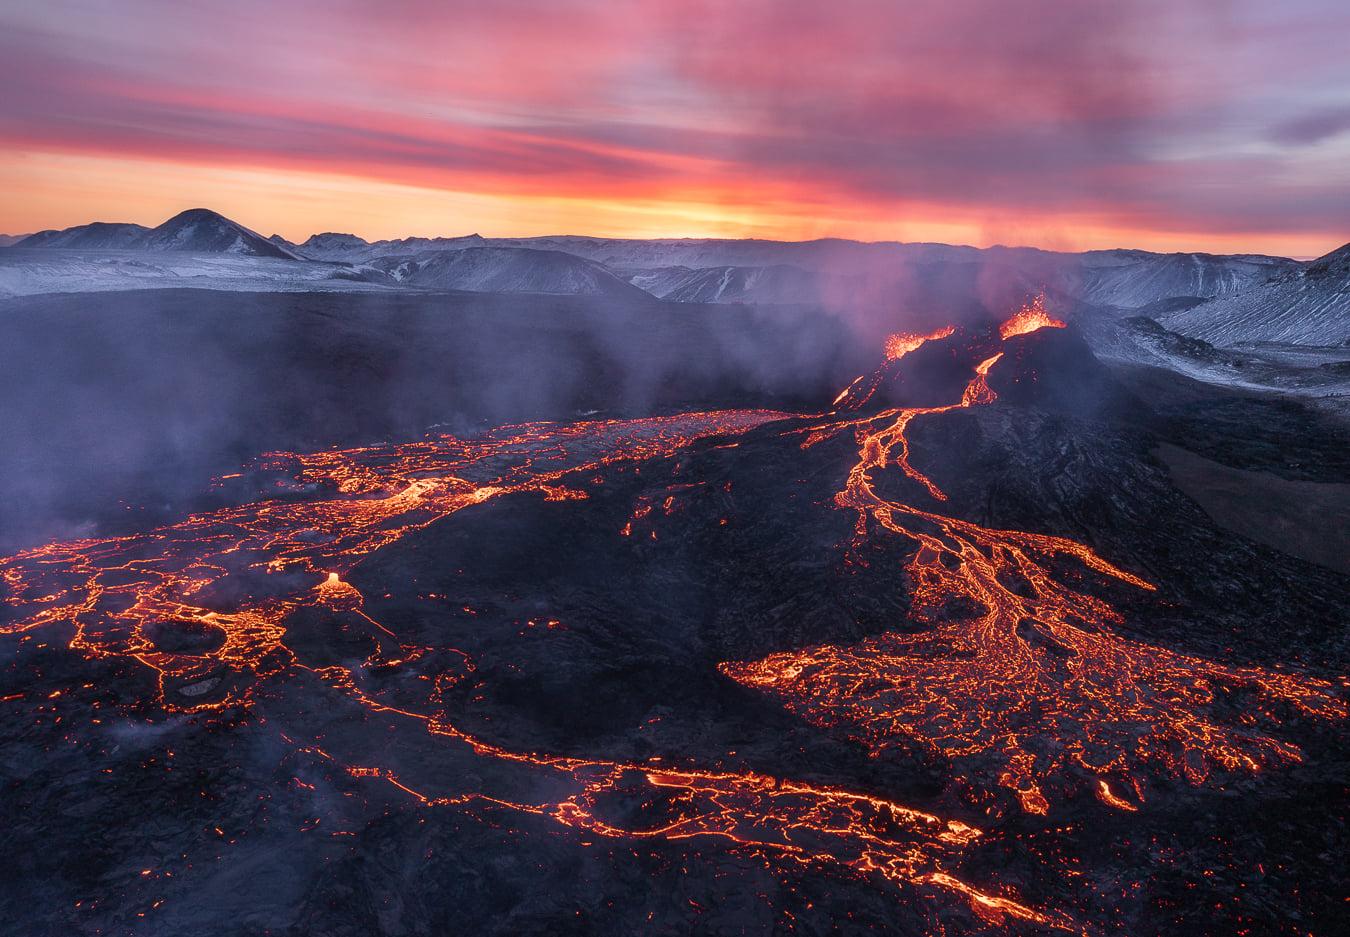 March 29, 2021. EN. Iceland : Fagradalsfjall / Geldingadalur , La Réunion : Piton de la Fournaise , Indonesia : Sinabung , Guatemala : Fuego , Mexico : Popocatepetl .